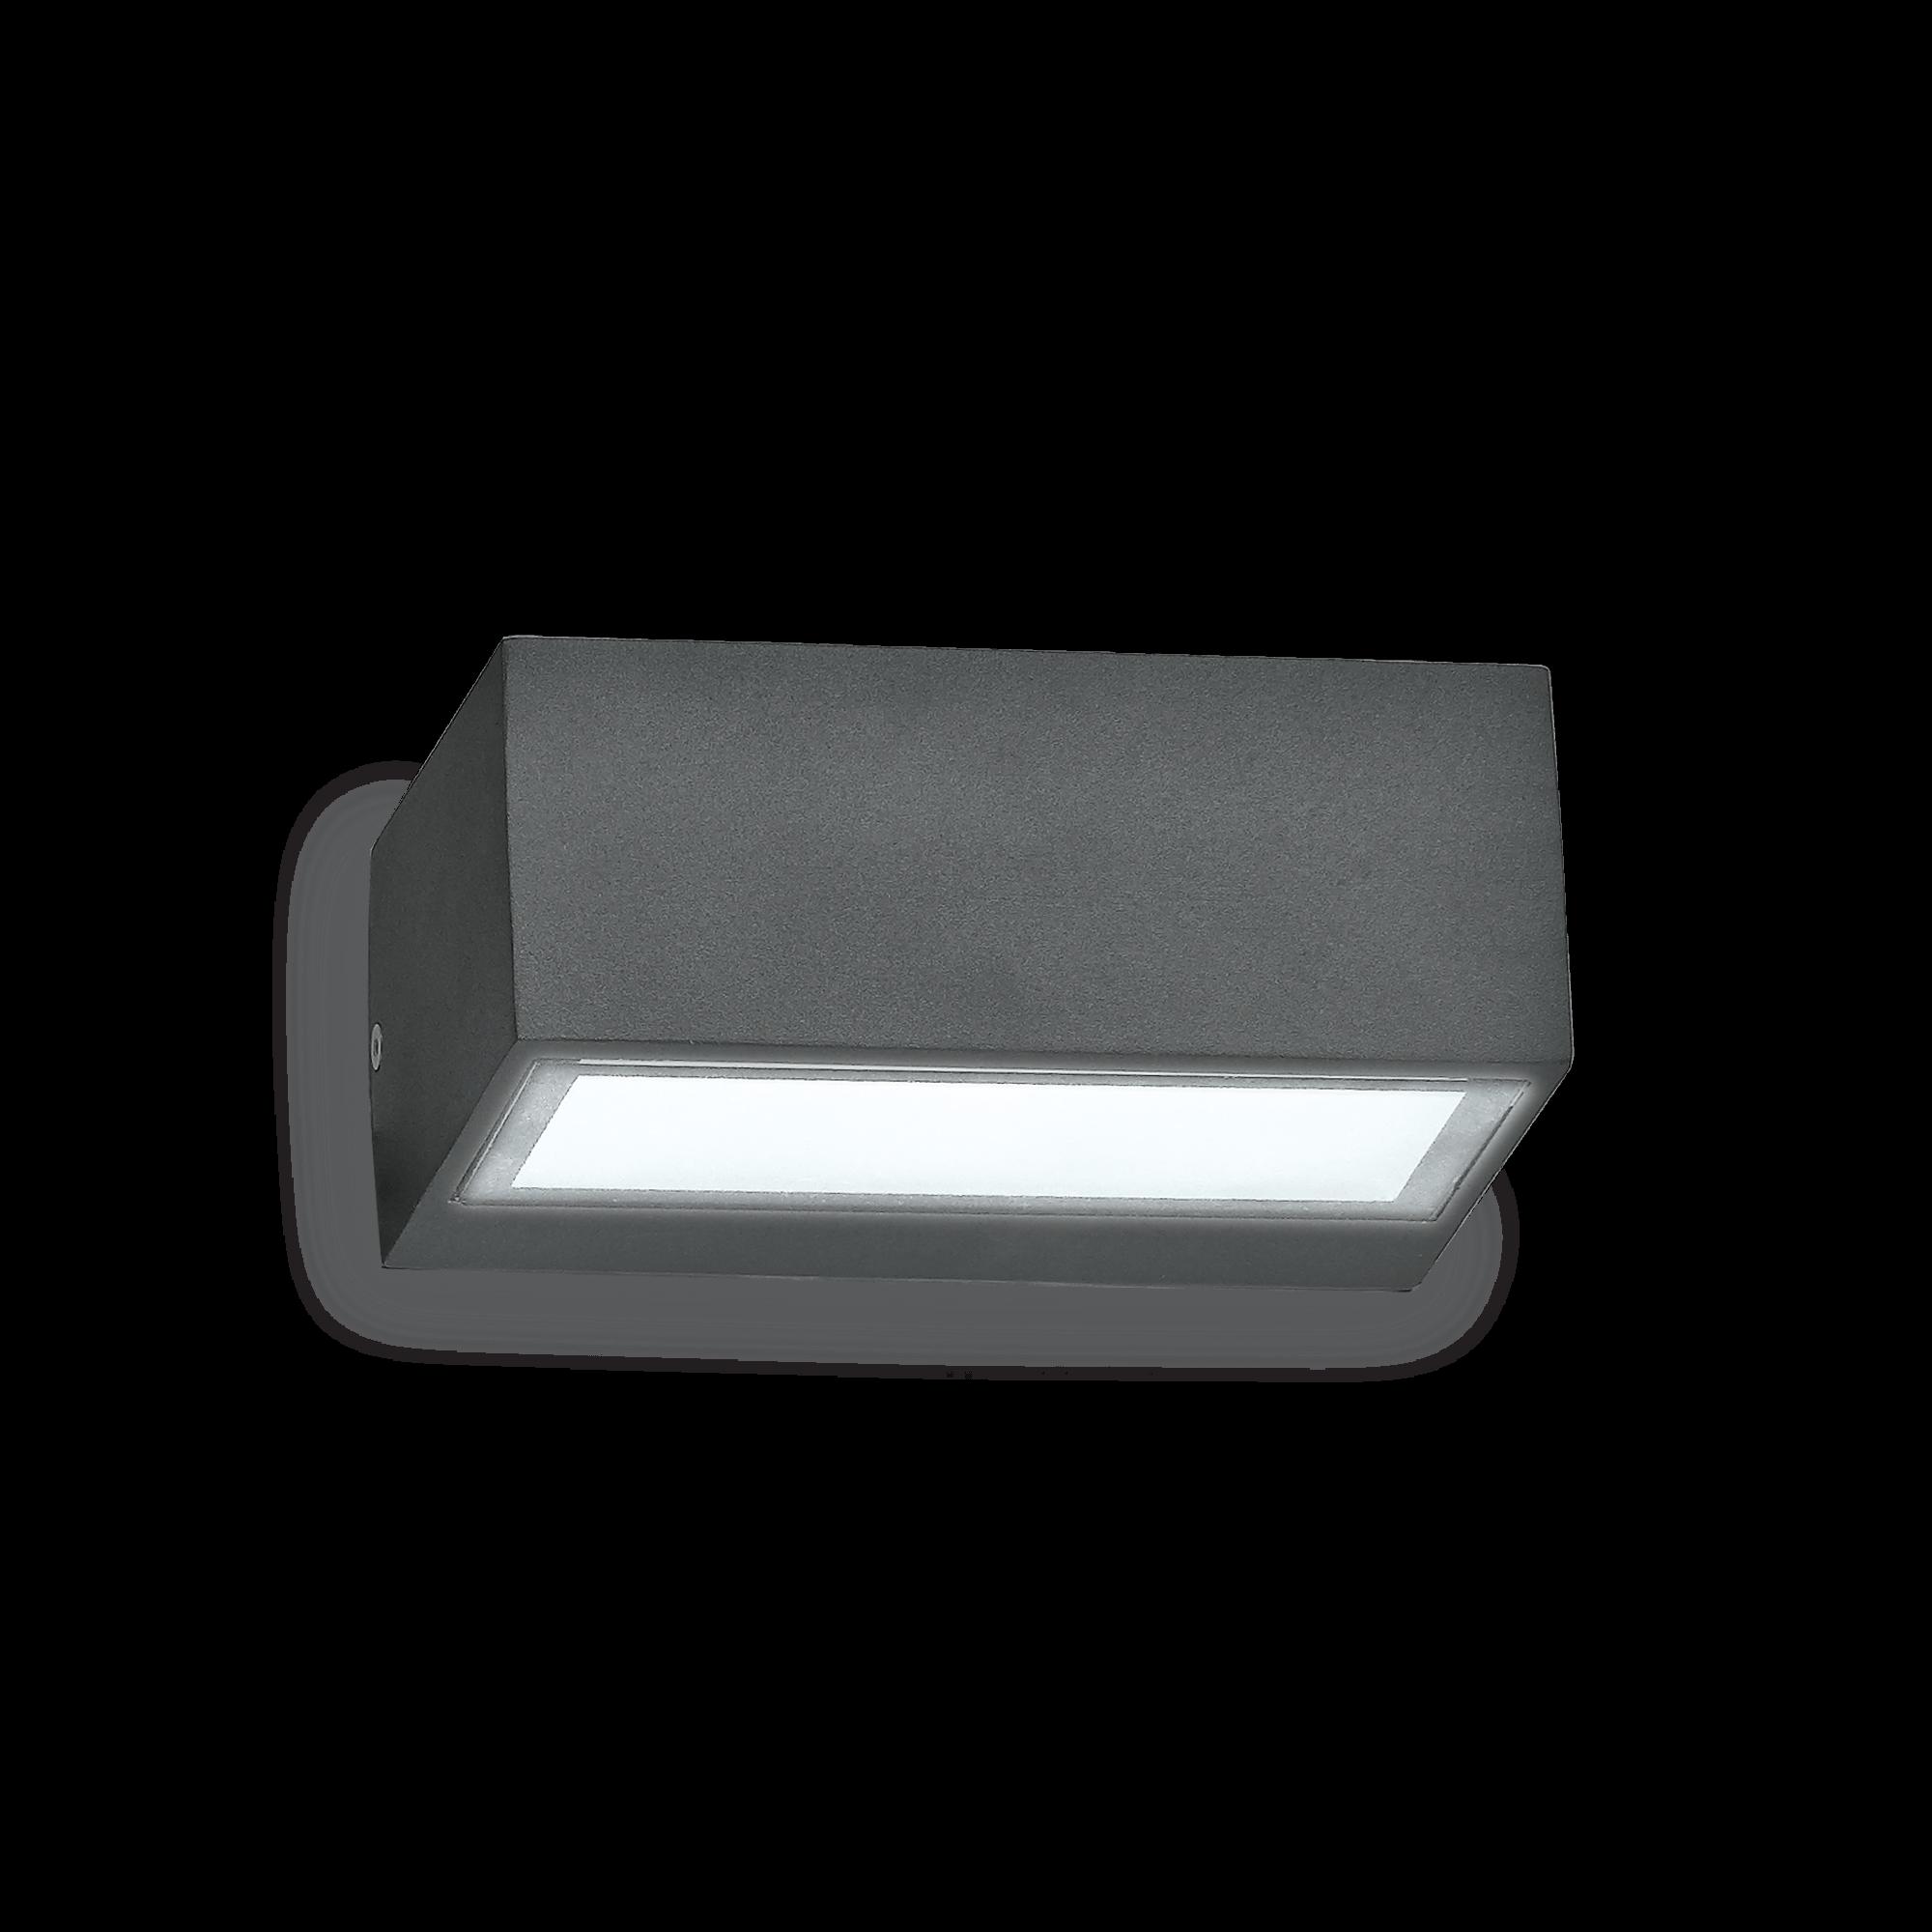 Idea Lux 115368 Twin AP1 Antracite kültéri fali lámpa